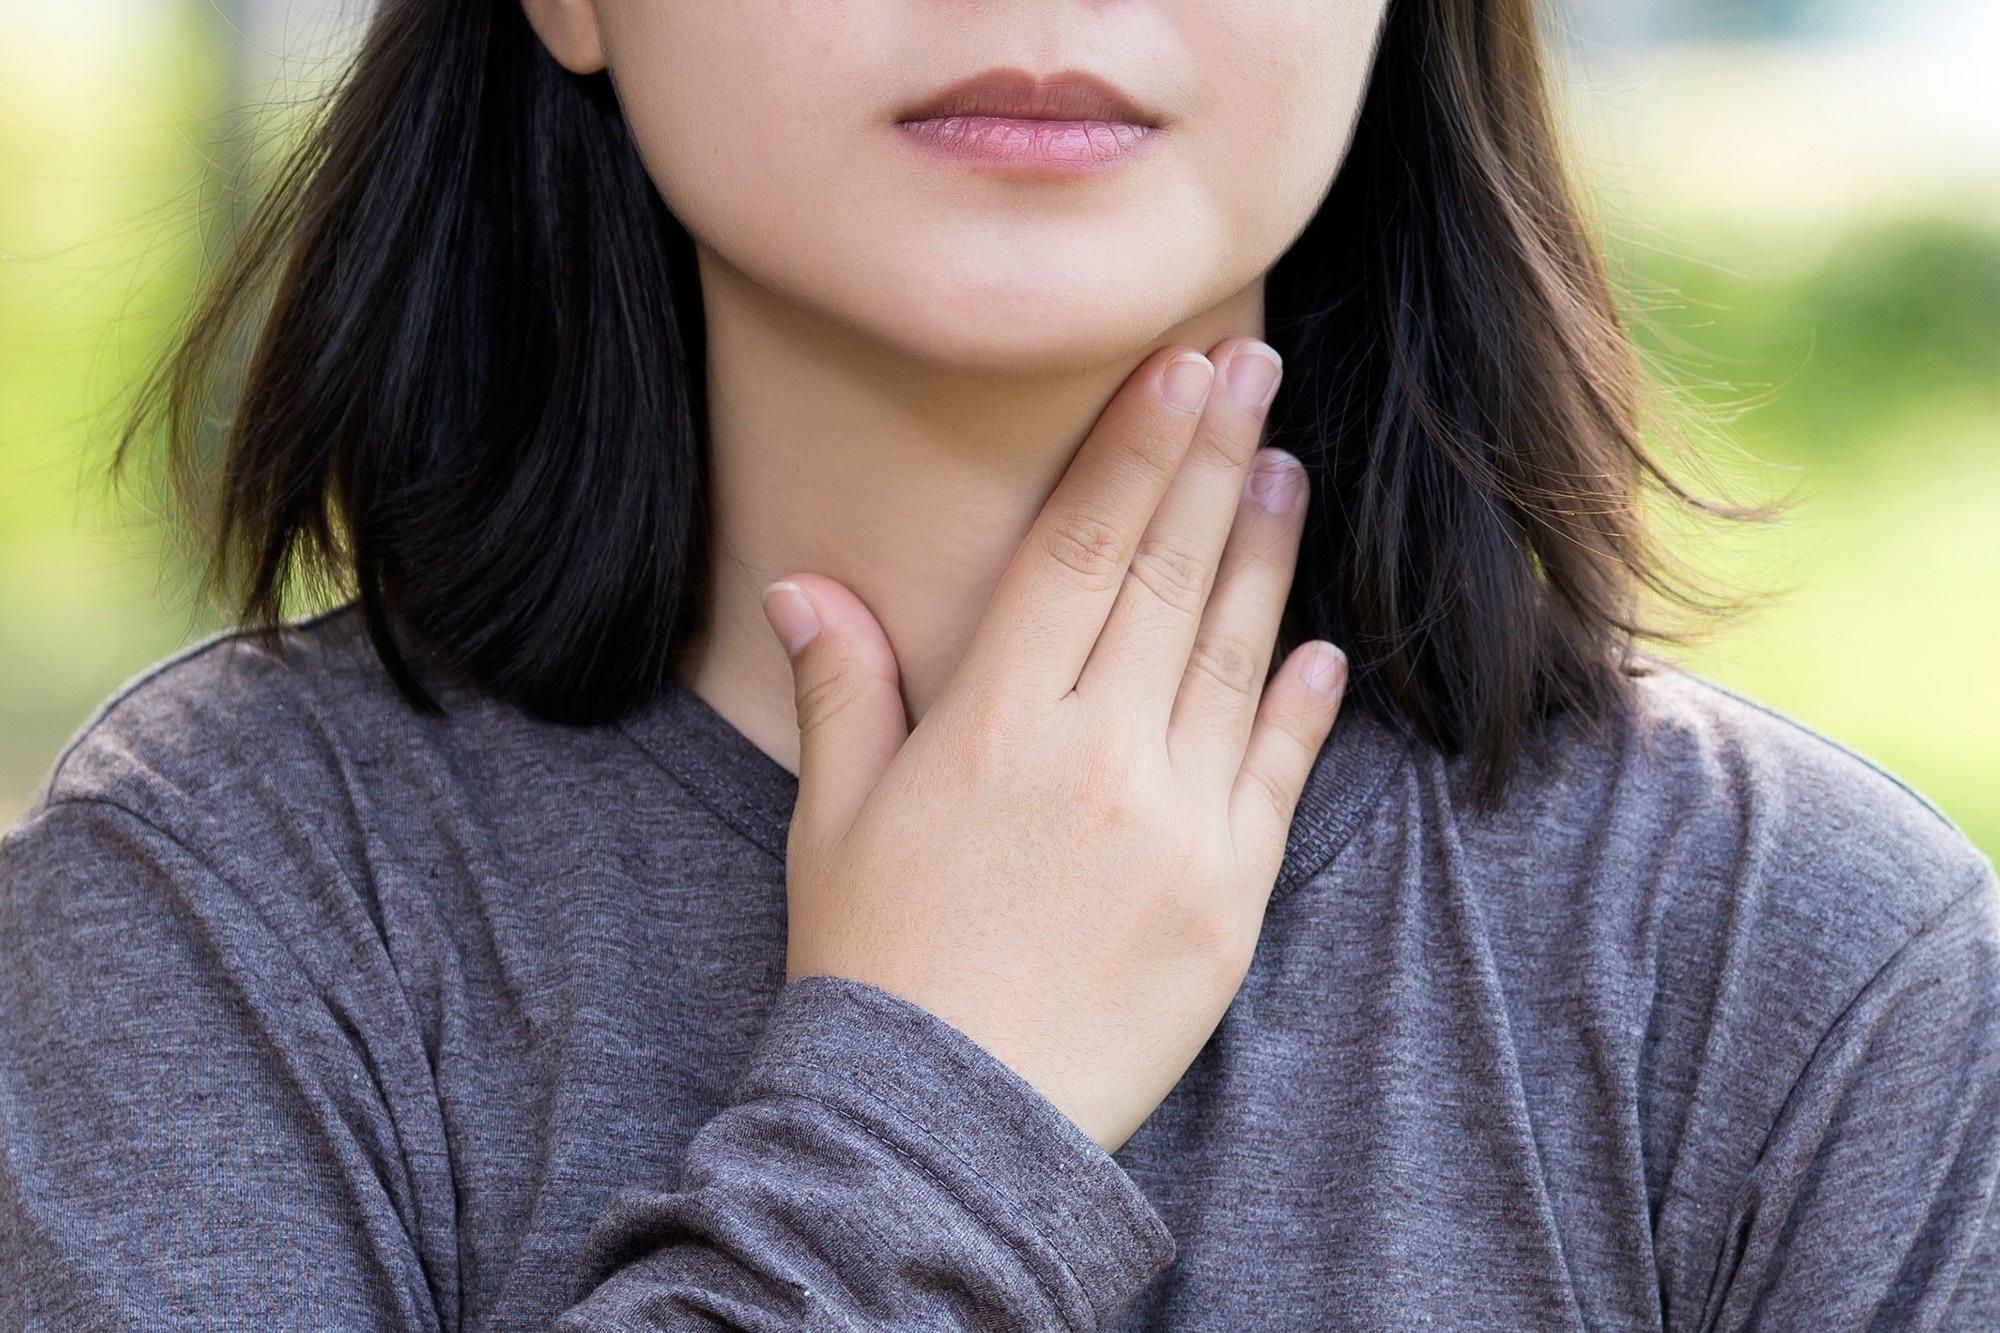 Đừng để ung thư tuyến giáp giai đoạn cuối mới phát hiện vì bỏ qua những dấu hiệu này - Ảnh 1